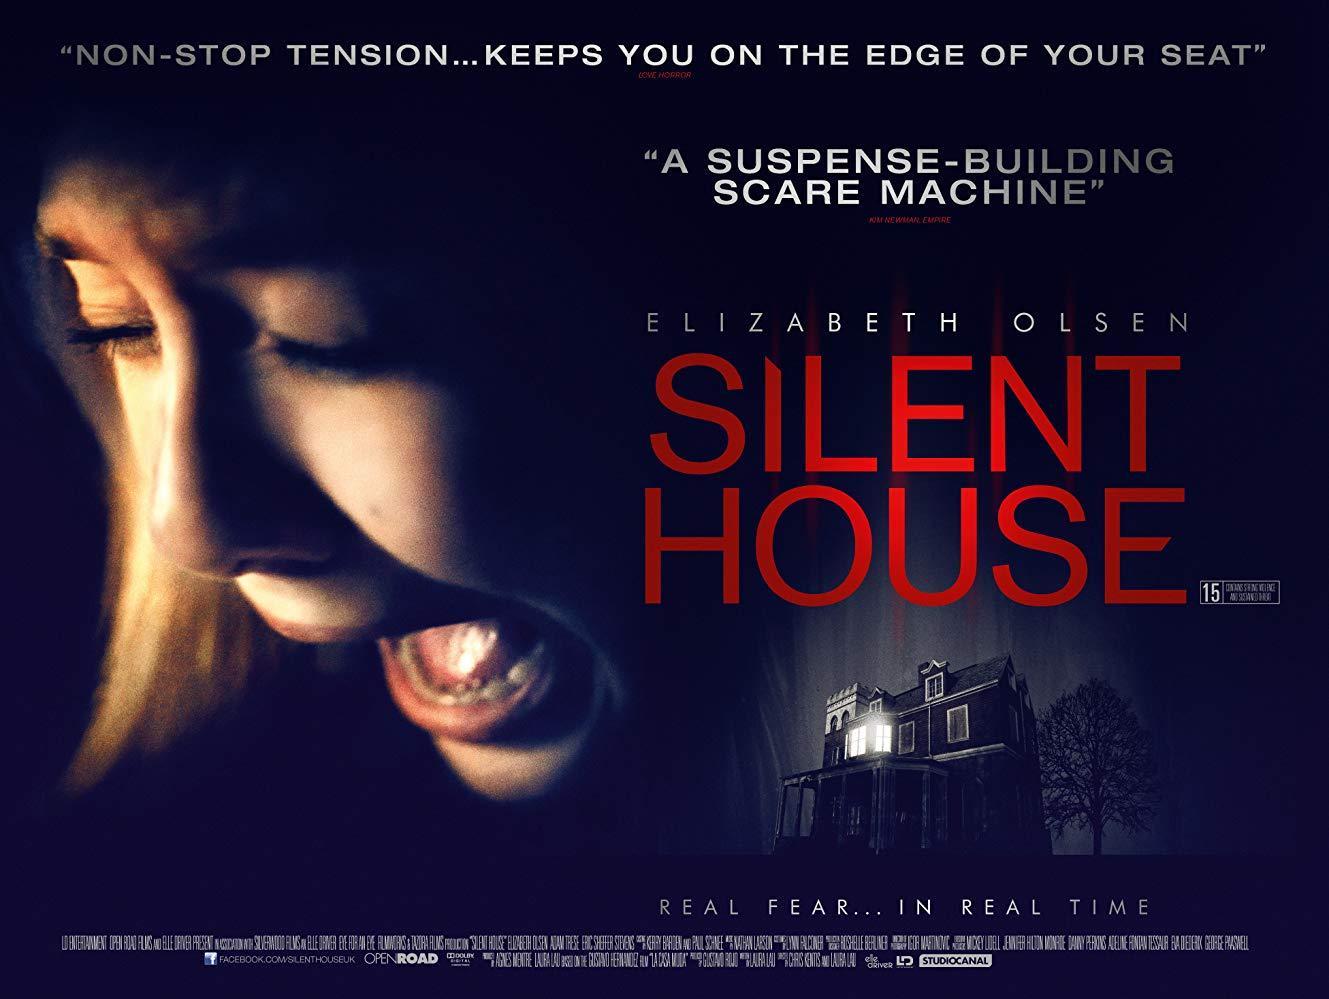 مشاهدة فيلم Silent House 2011 HD مترجم كامل اون لاين